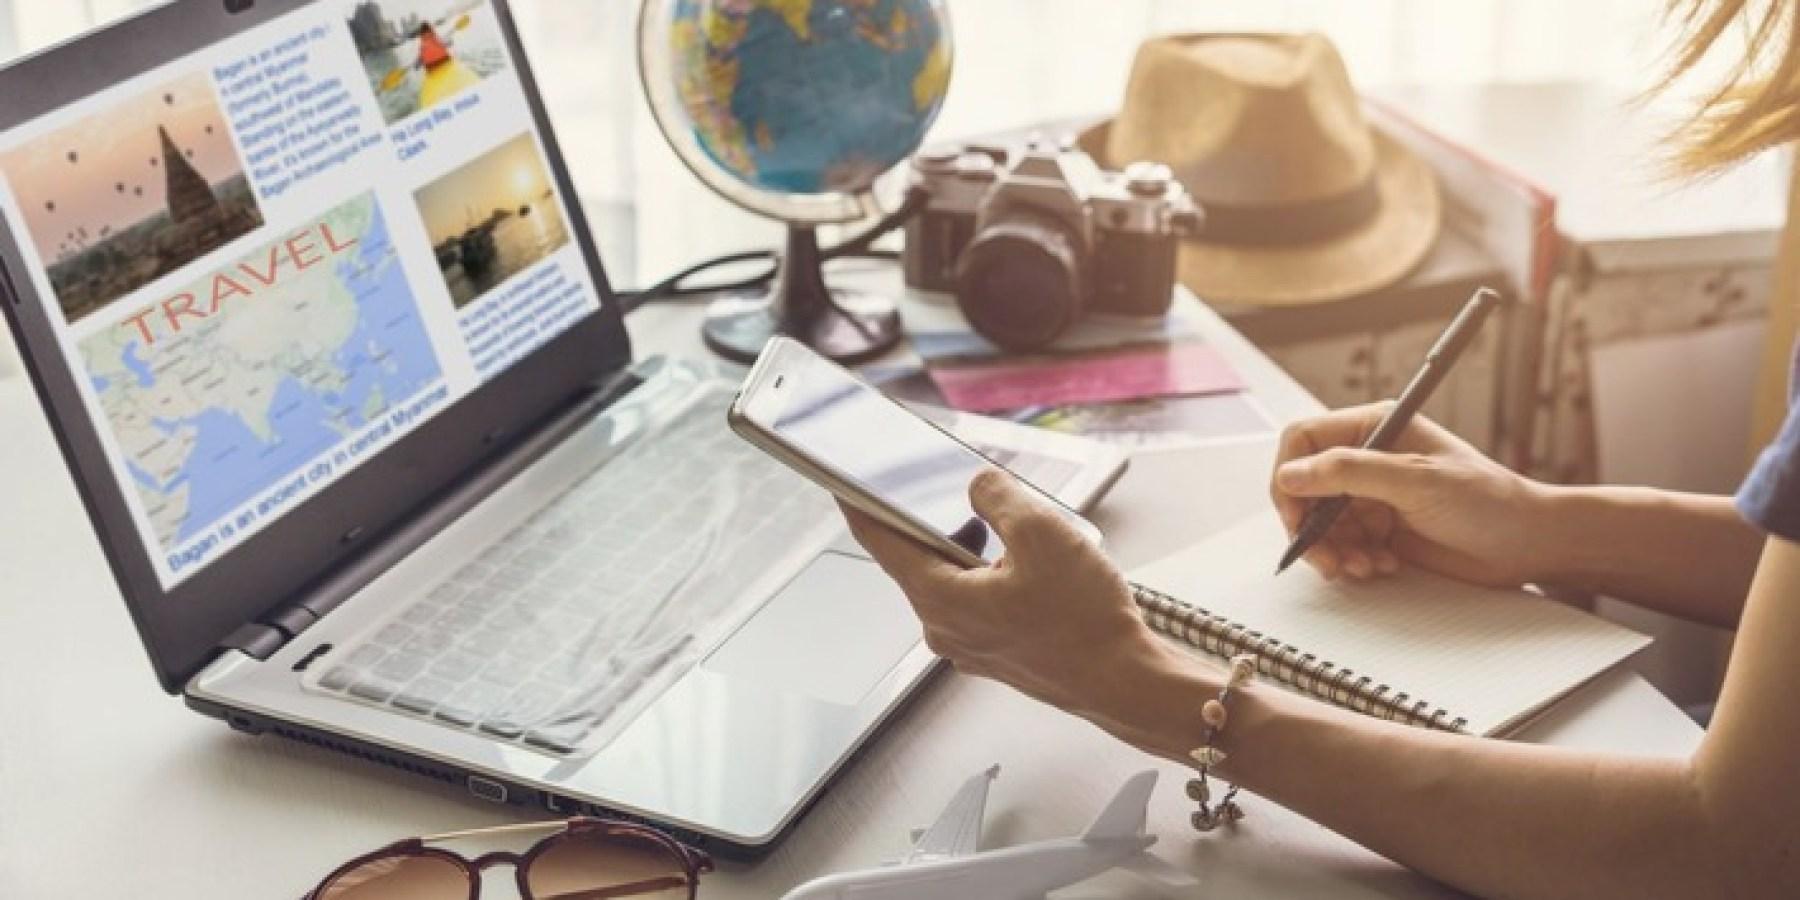 Zahl der Woche Urlaubsreisen 2020: Abwarten und planen